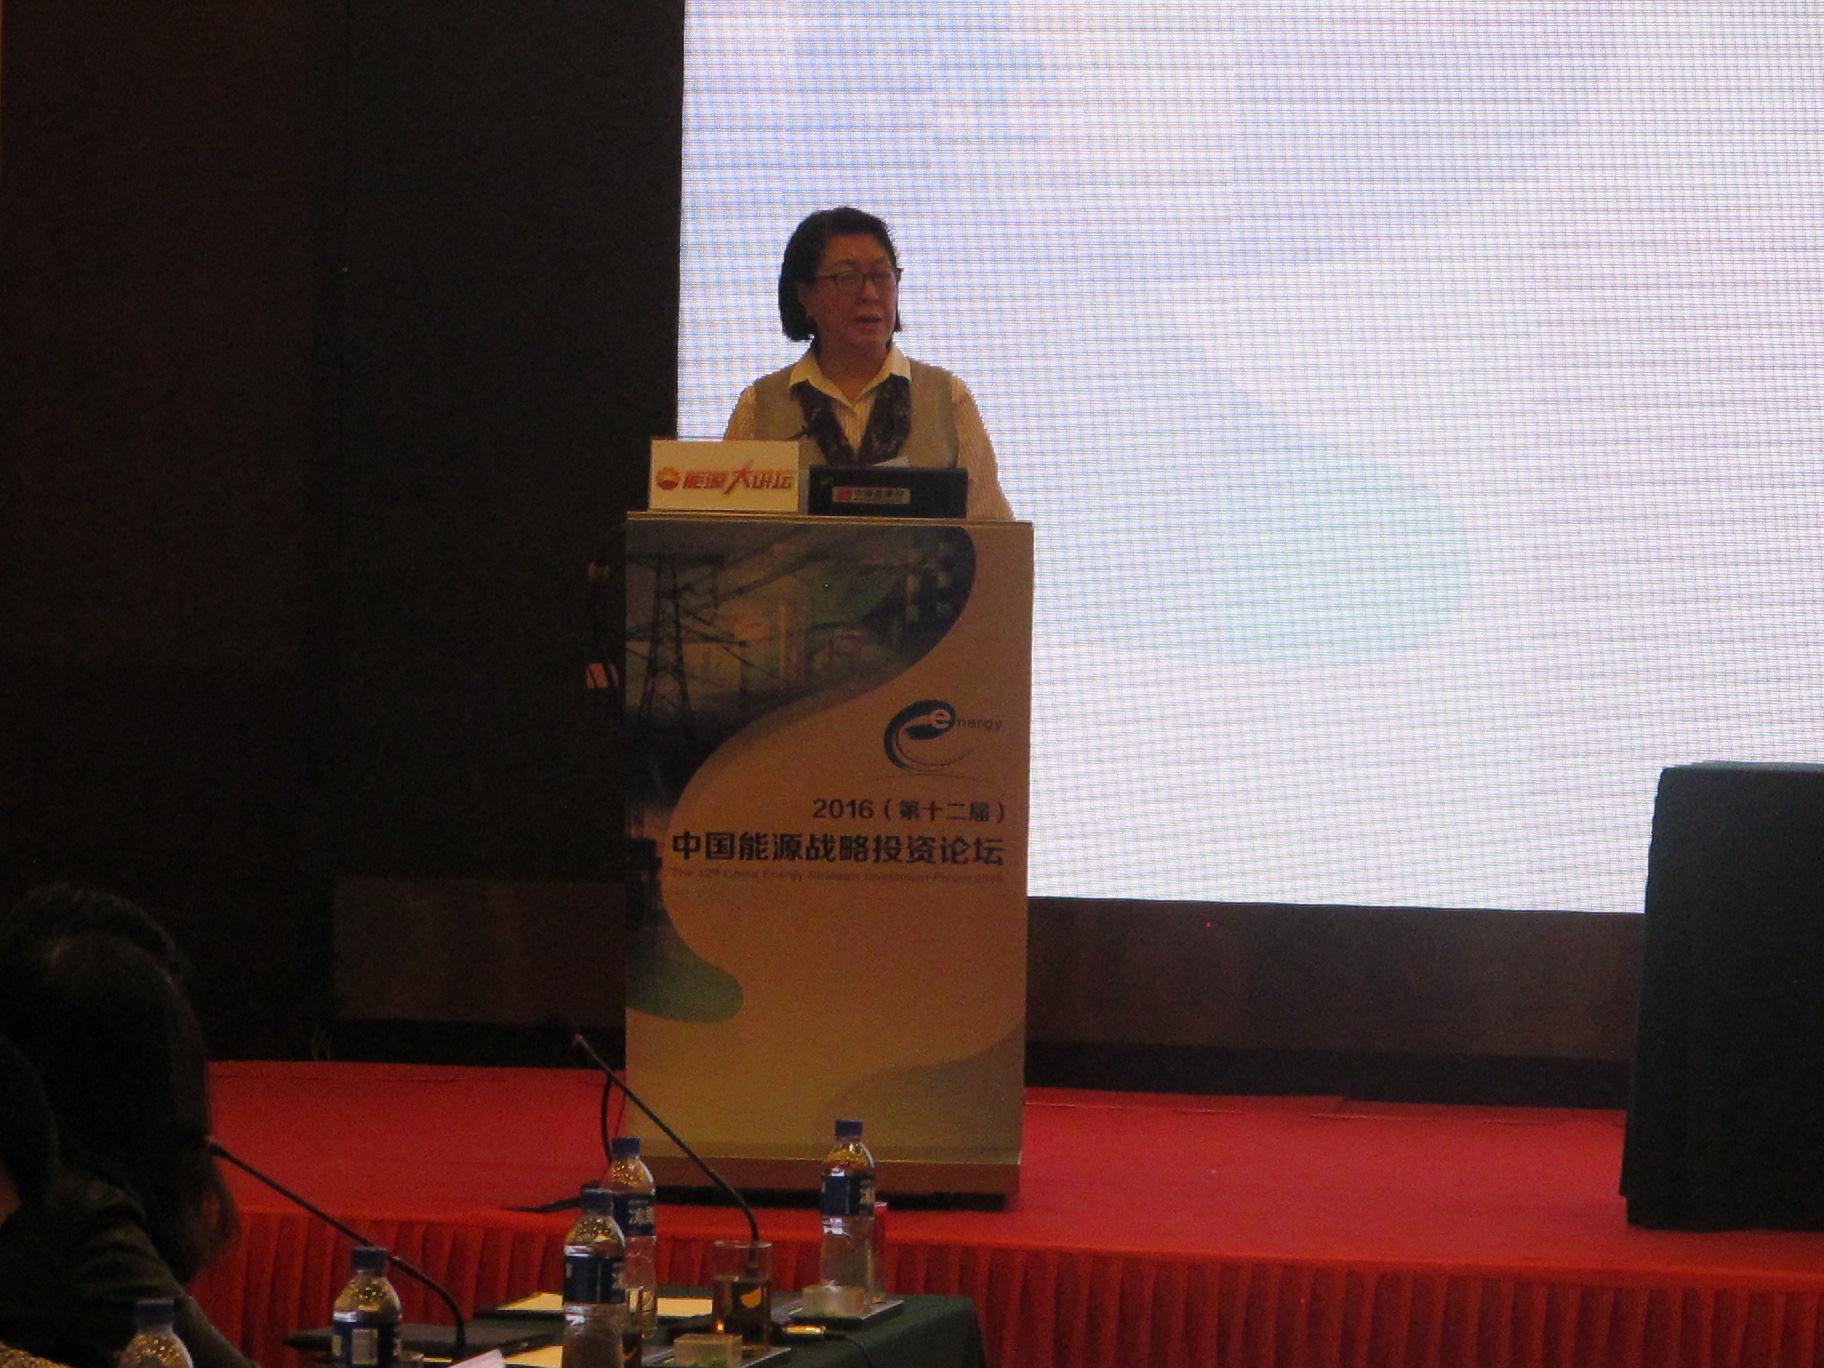 2016中国能源战略投资论坛在京召开-新闻-能源资讯